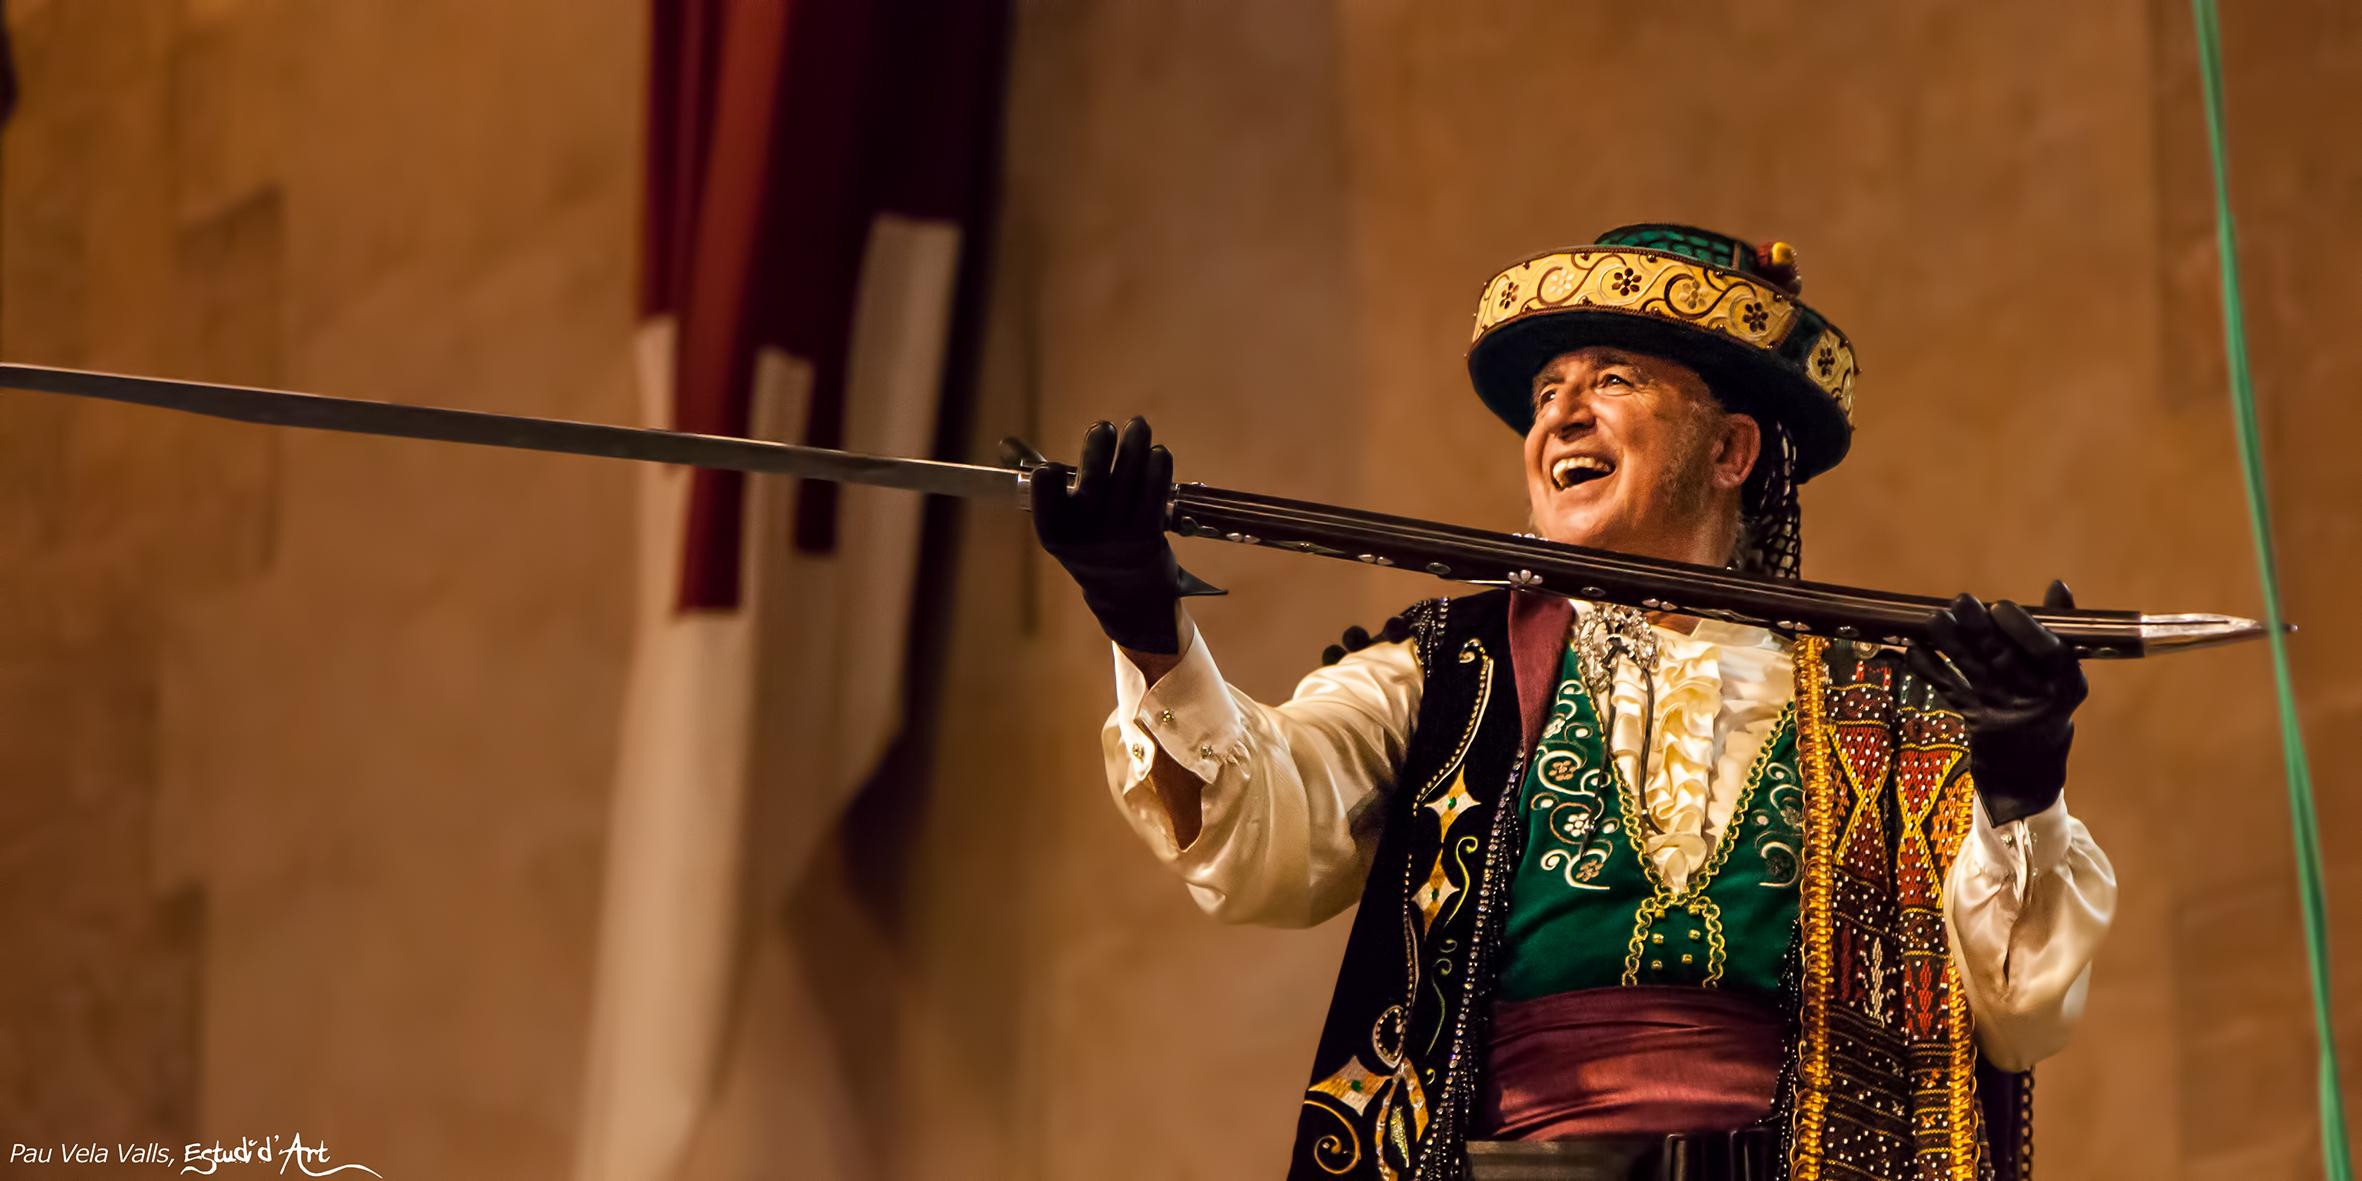 Álvaro Reig, abanderado cristiano de los Contrabandistas / Foto: Pau Vela